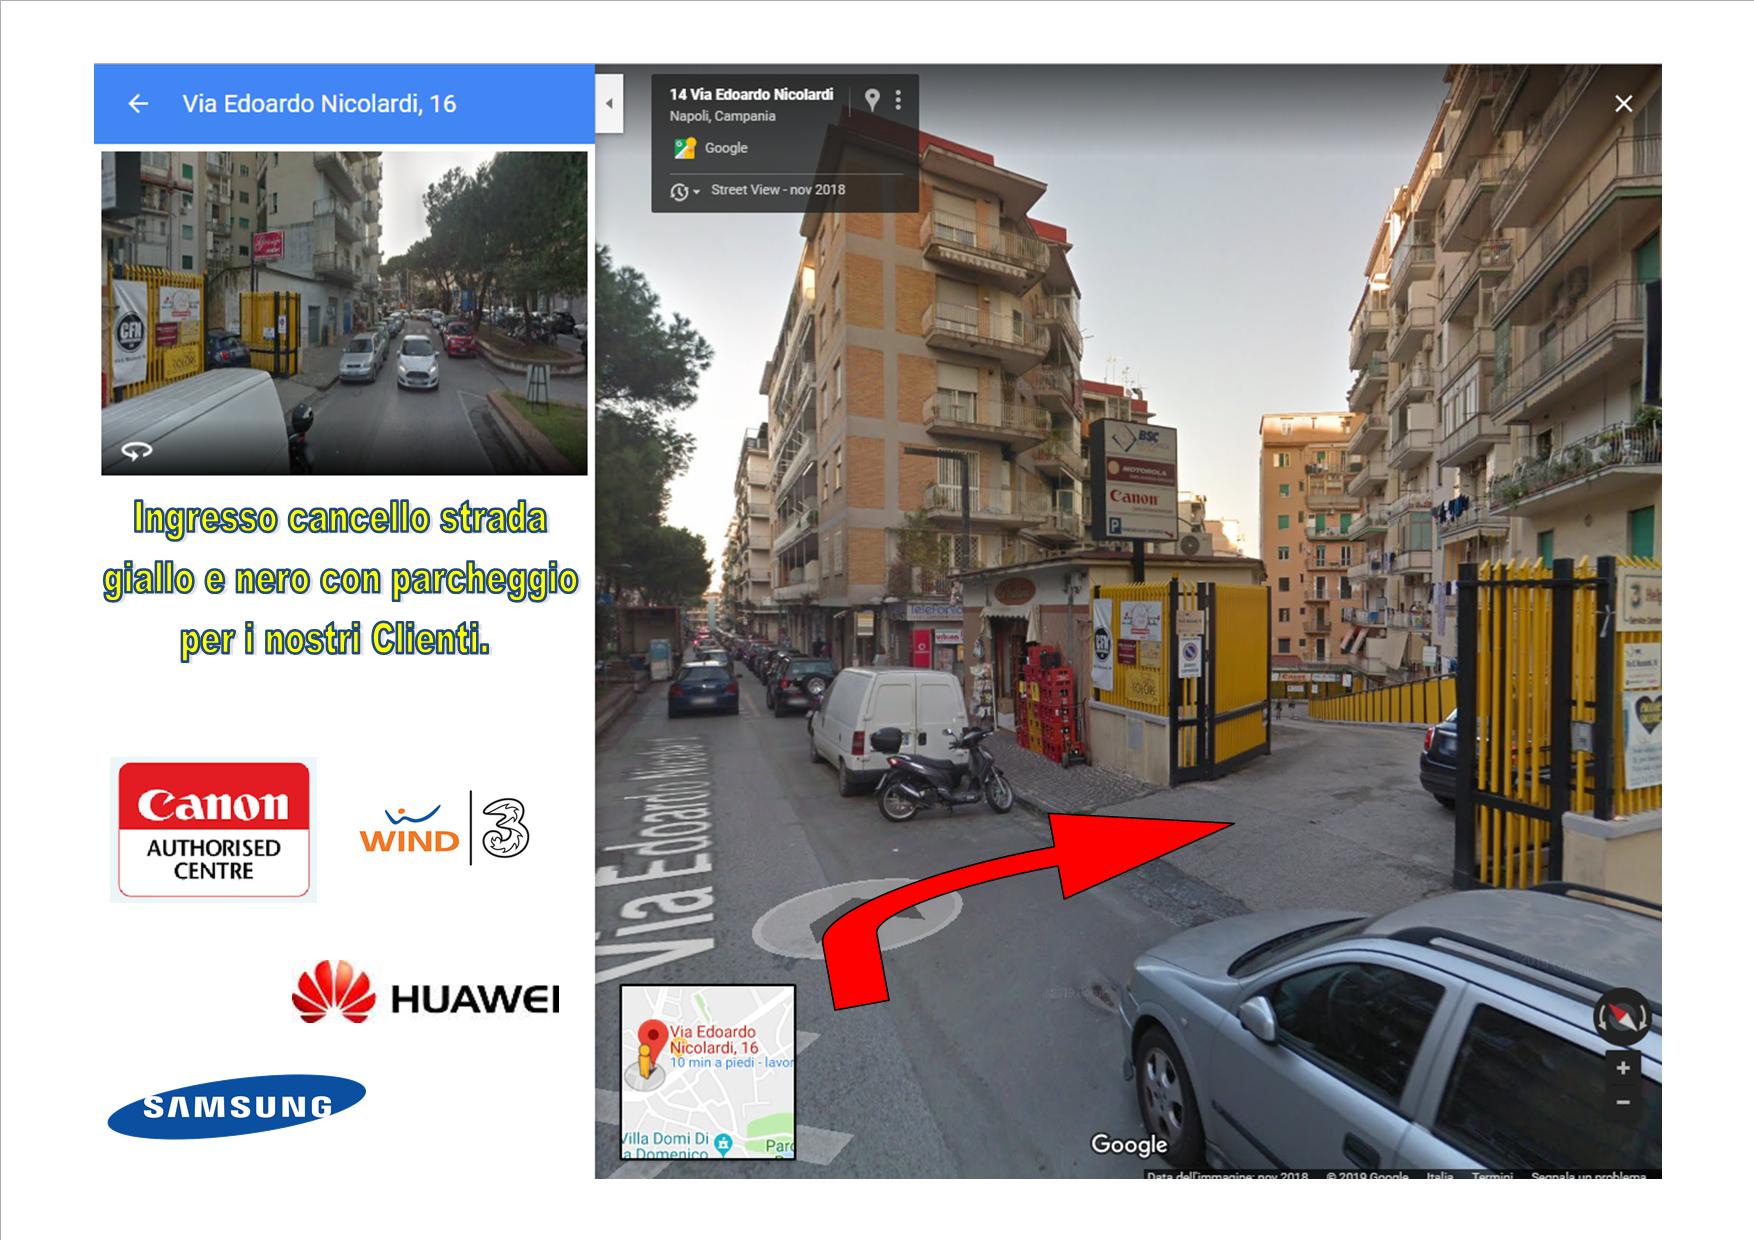 Assistenza Informatica Napoli.Centro Assistenza Canon Napoli Riparazioni Cellulari Huawei